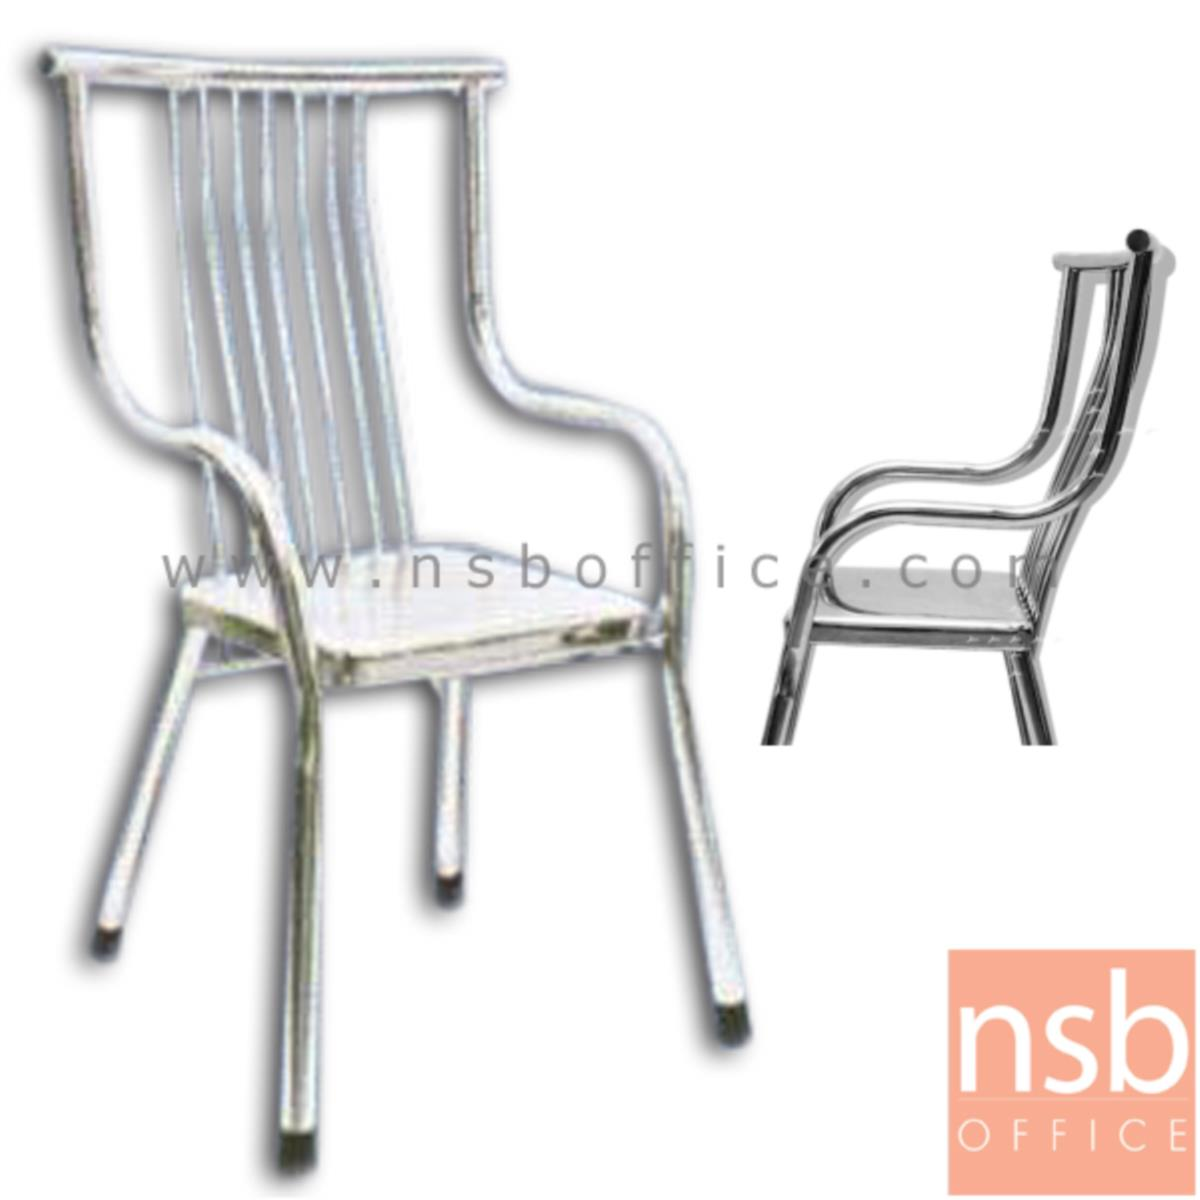 G12A194:เก้าอี้อเนกประสงค์สเตนเลส รุ่น J-KJ-281 มีท้าวแขน (ผลิตจากสเตนเลสกลม)